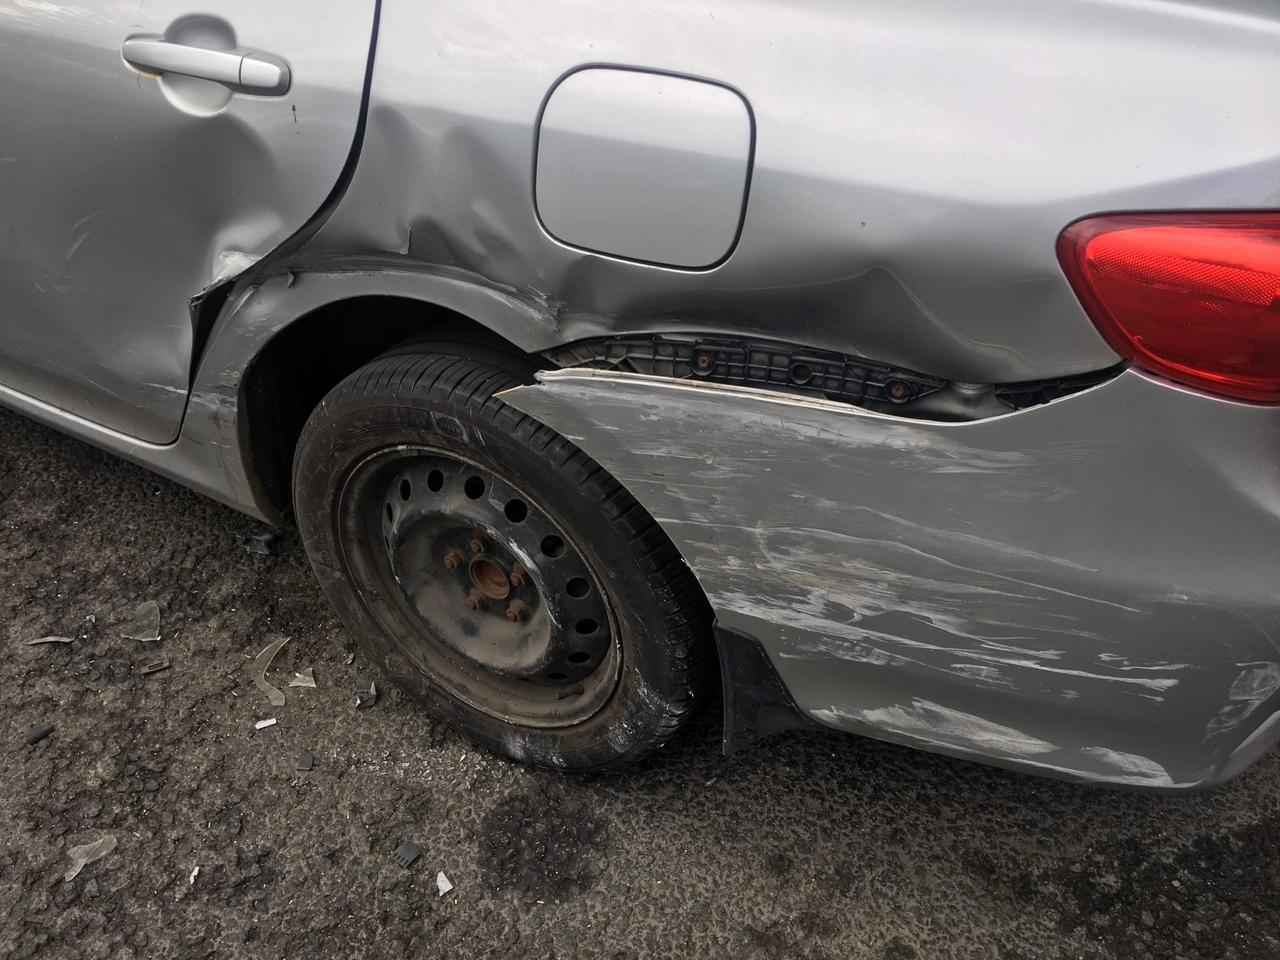 Прошу откликнуться очевидцев аварии случившейся 22 июля на Бульваре Новаторов д.14 ДТП произошло в п...